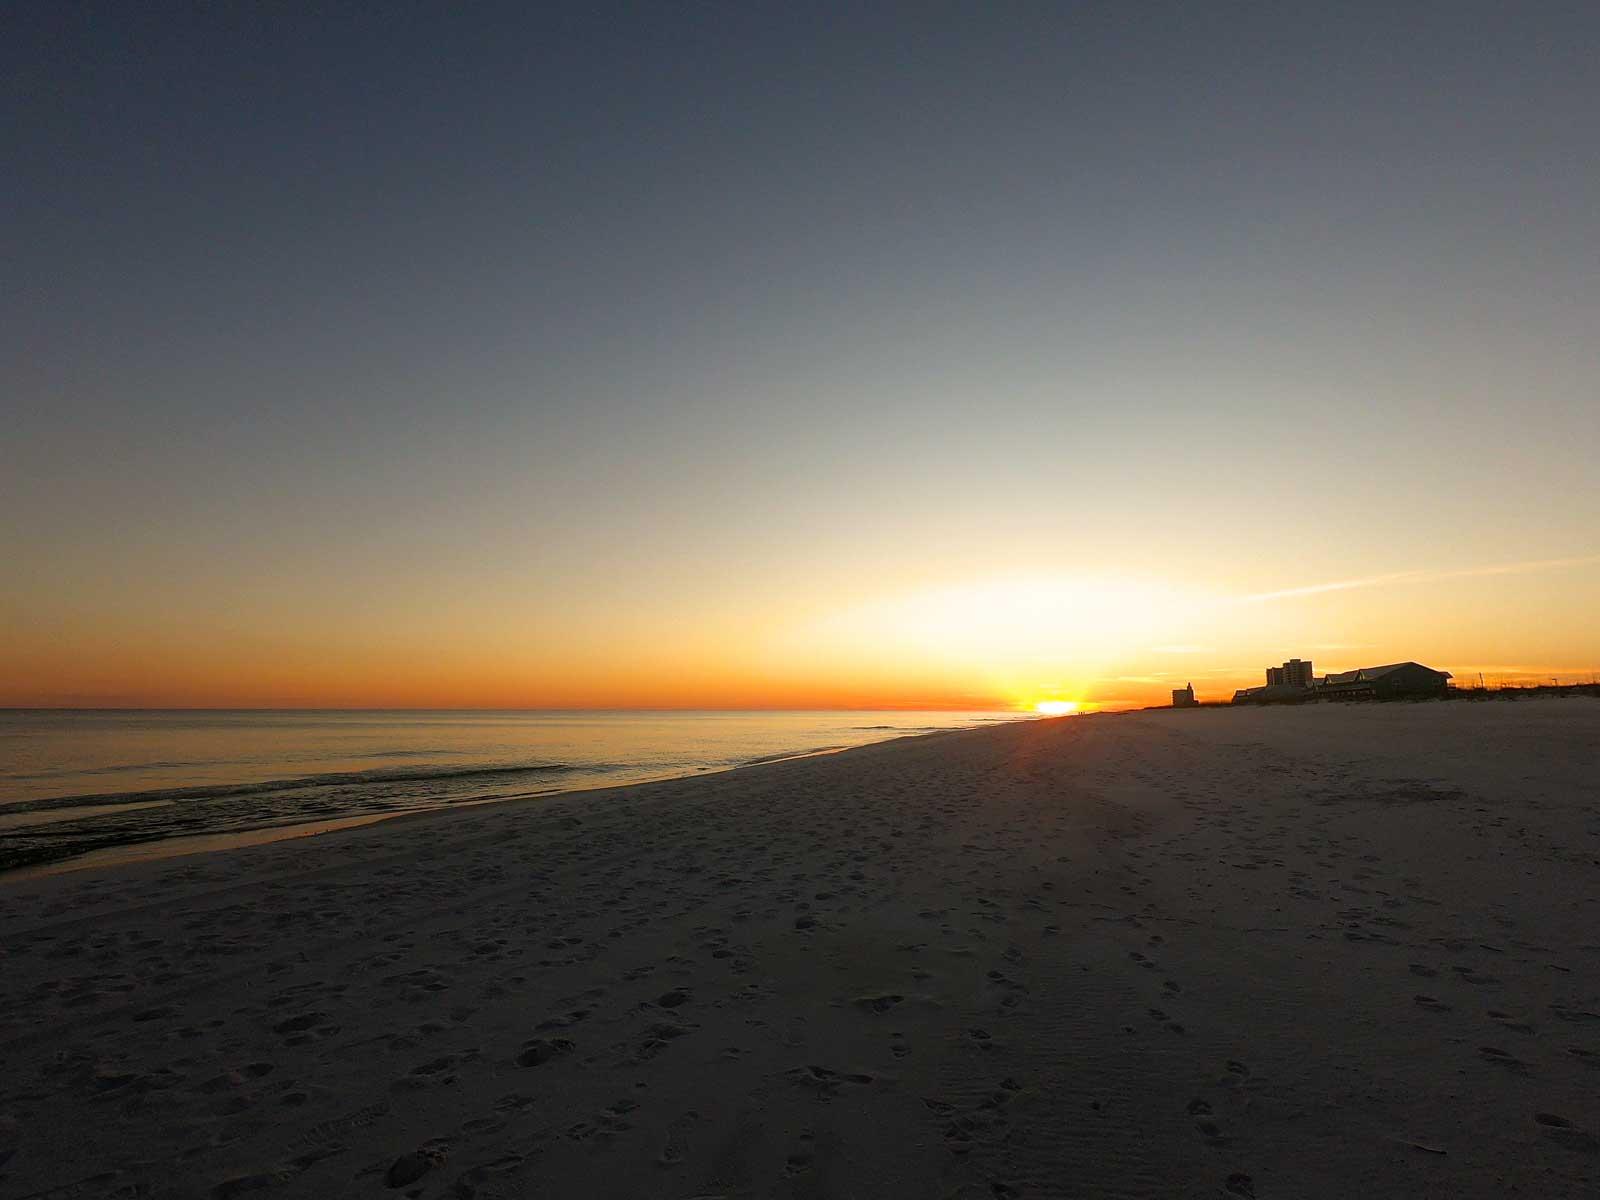 Setset view on Pensacola Beach, Florida